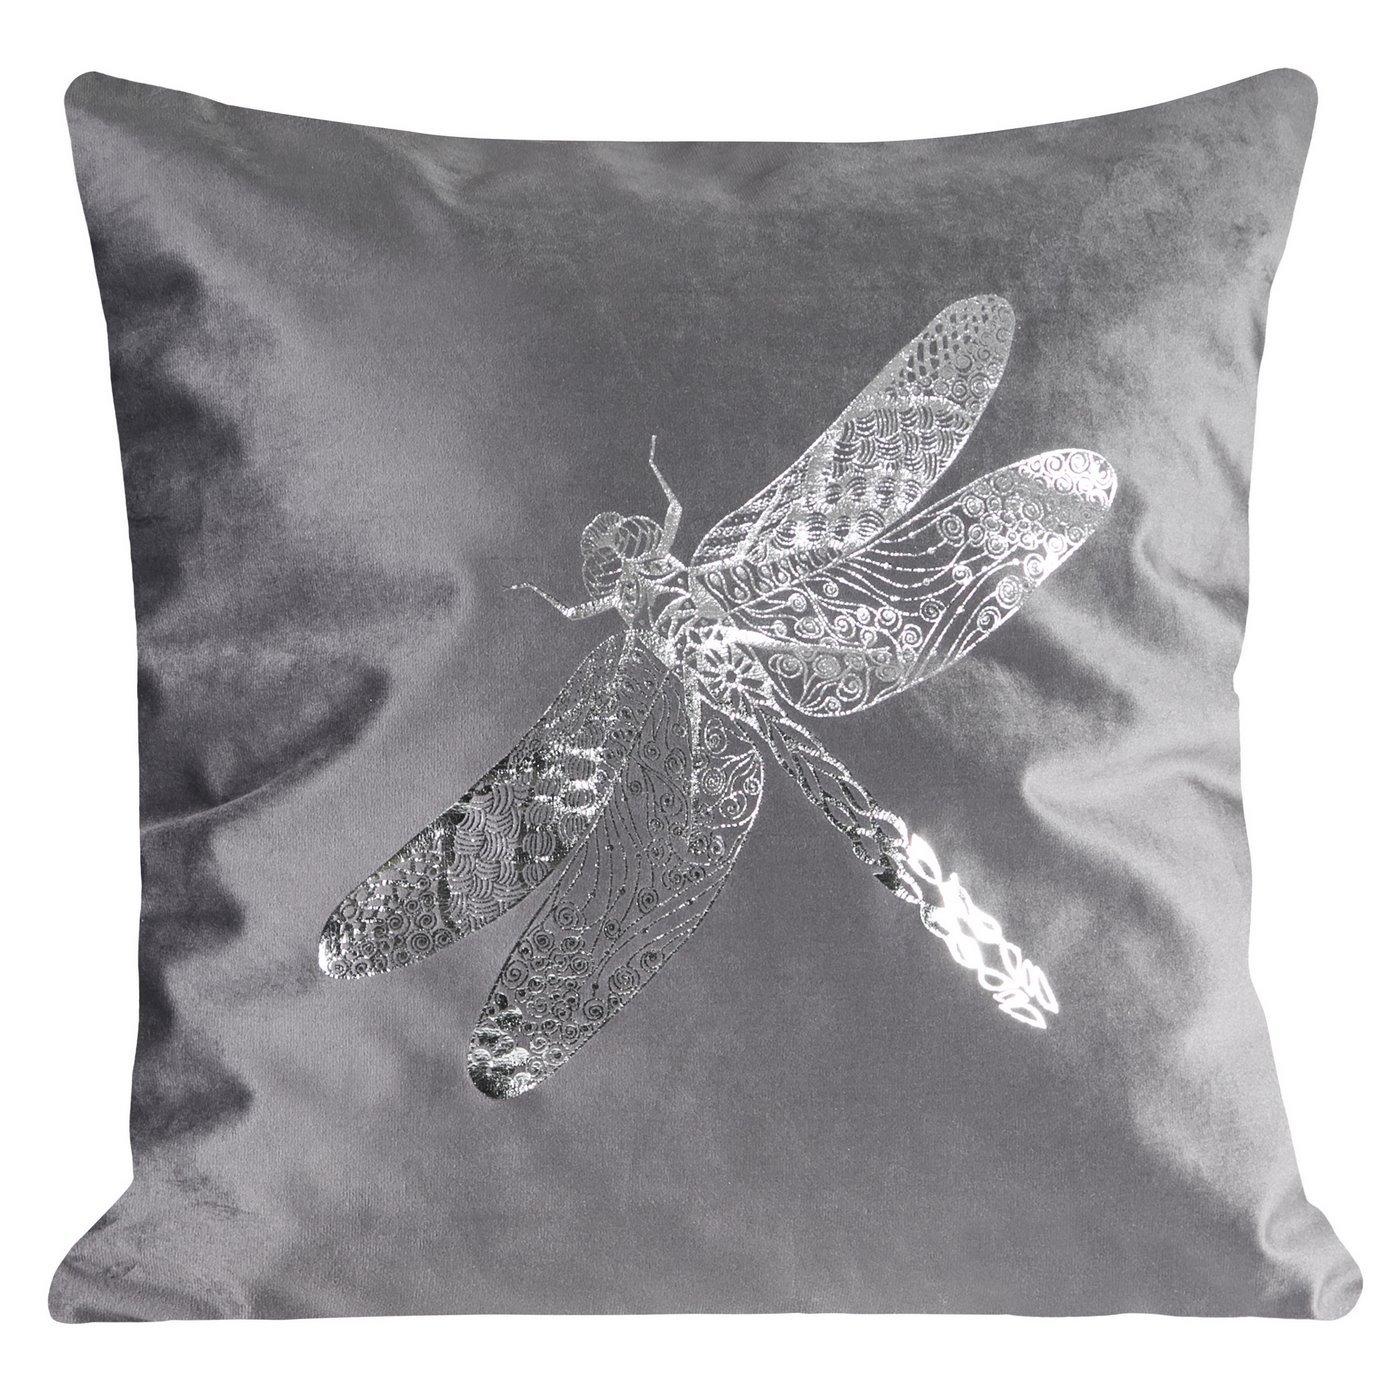 Poszewka na poduszkę szara ze srebrną ważką 45 x 45 cm